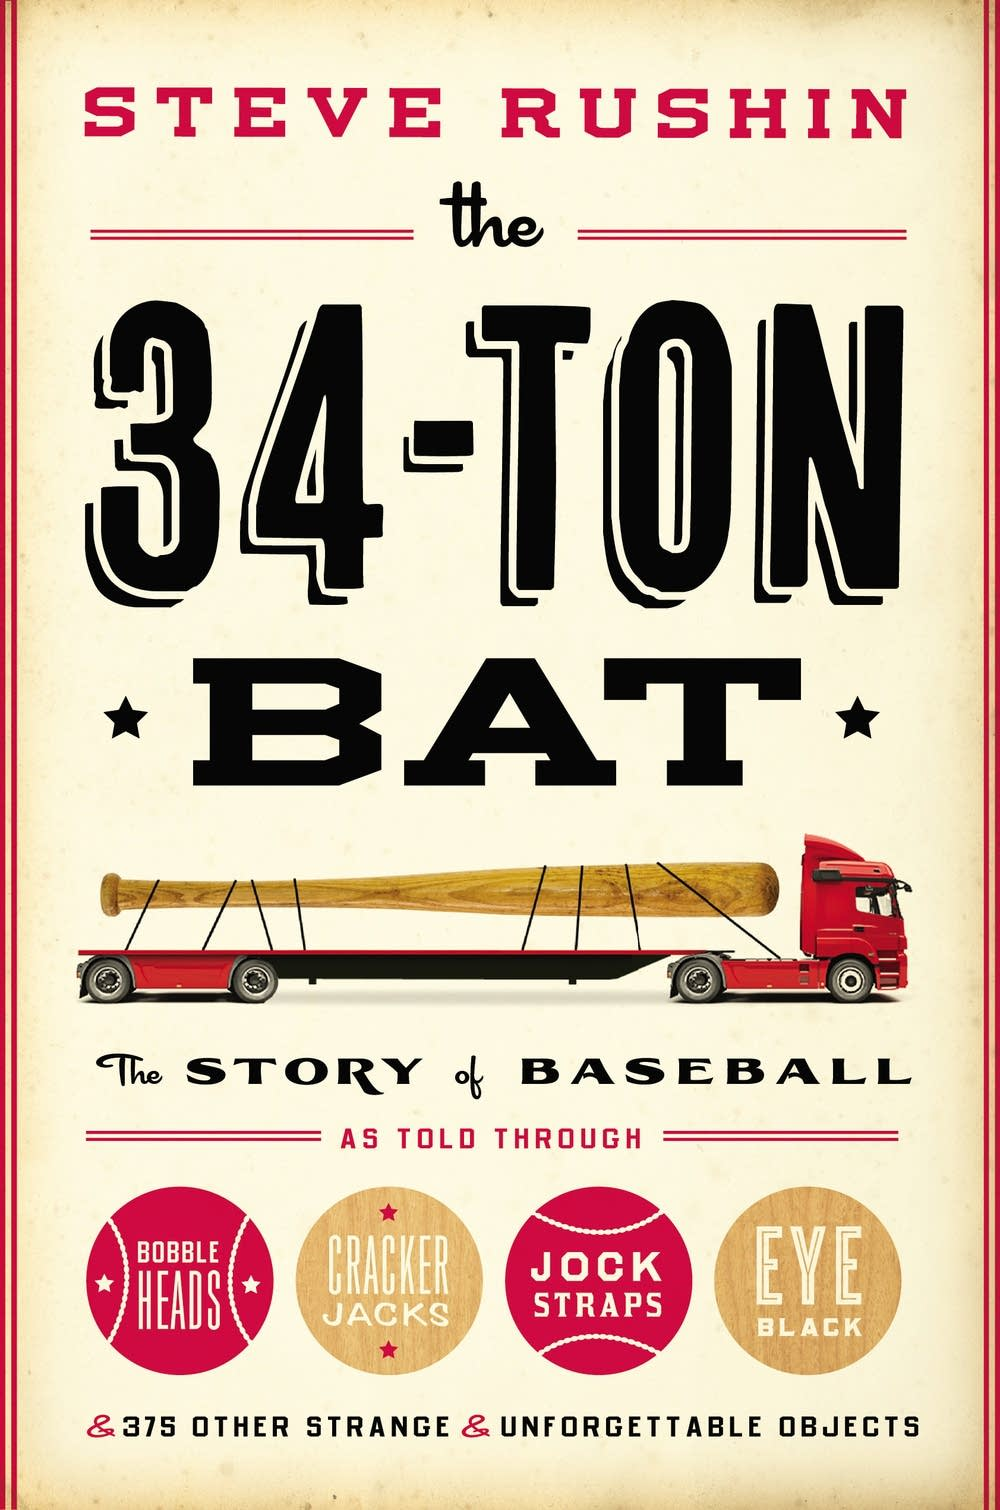 34-Ton Bat